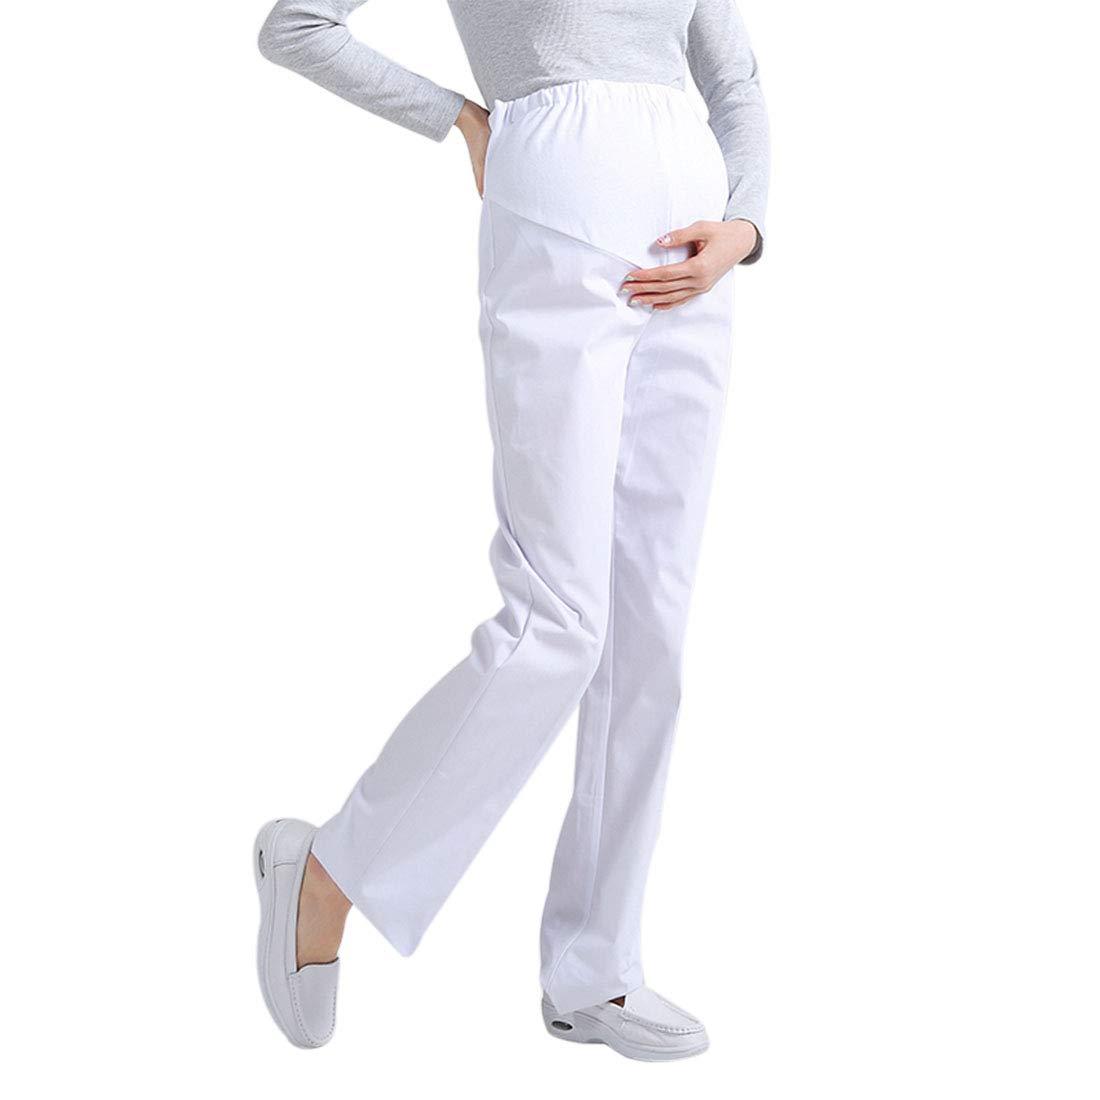 3e58de21a Xianheng Pantaló n Mé dico Laboratorio Pantaló nes Uniforme de Trabajo  Enfermera Sanitaria de Moda para